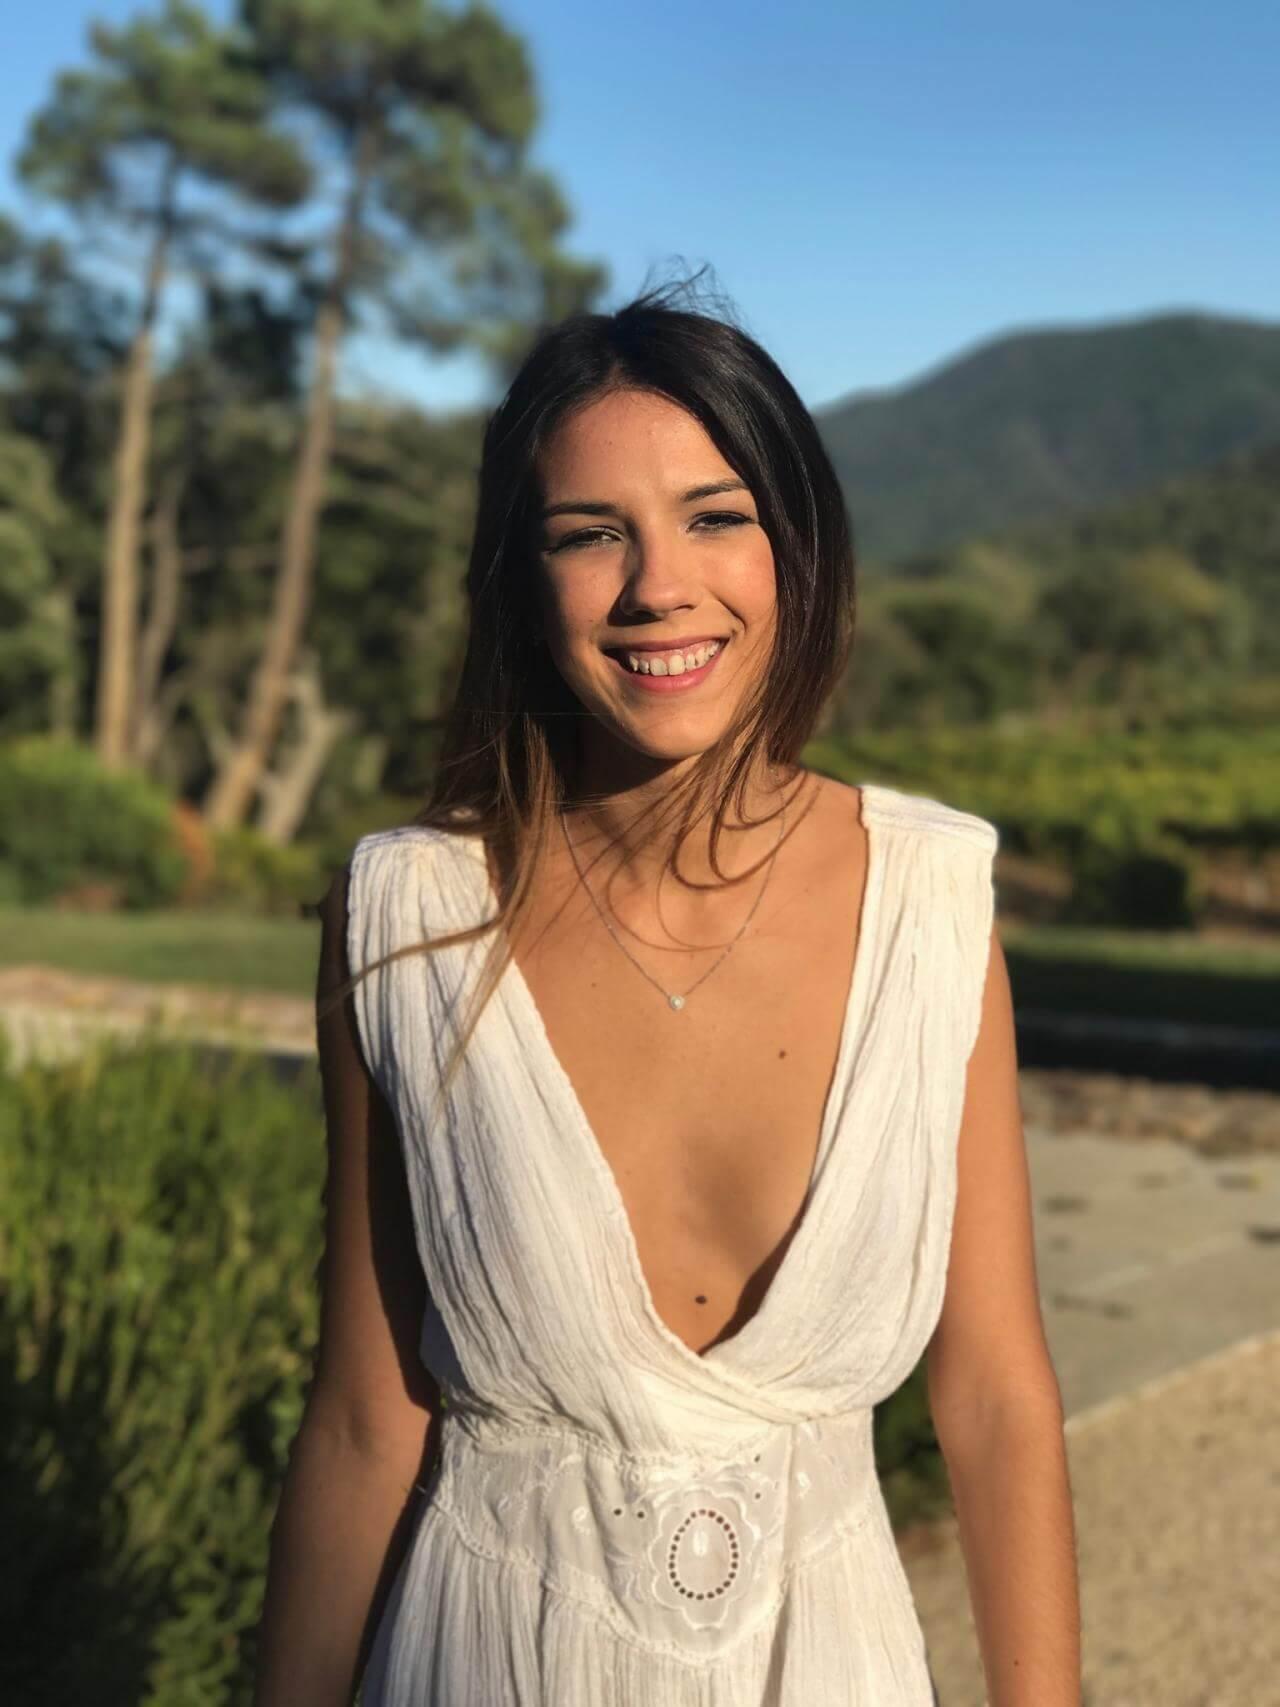 Juliette Sorrente